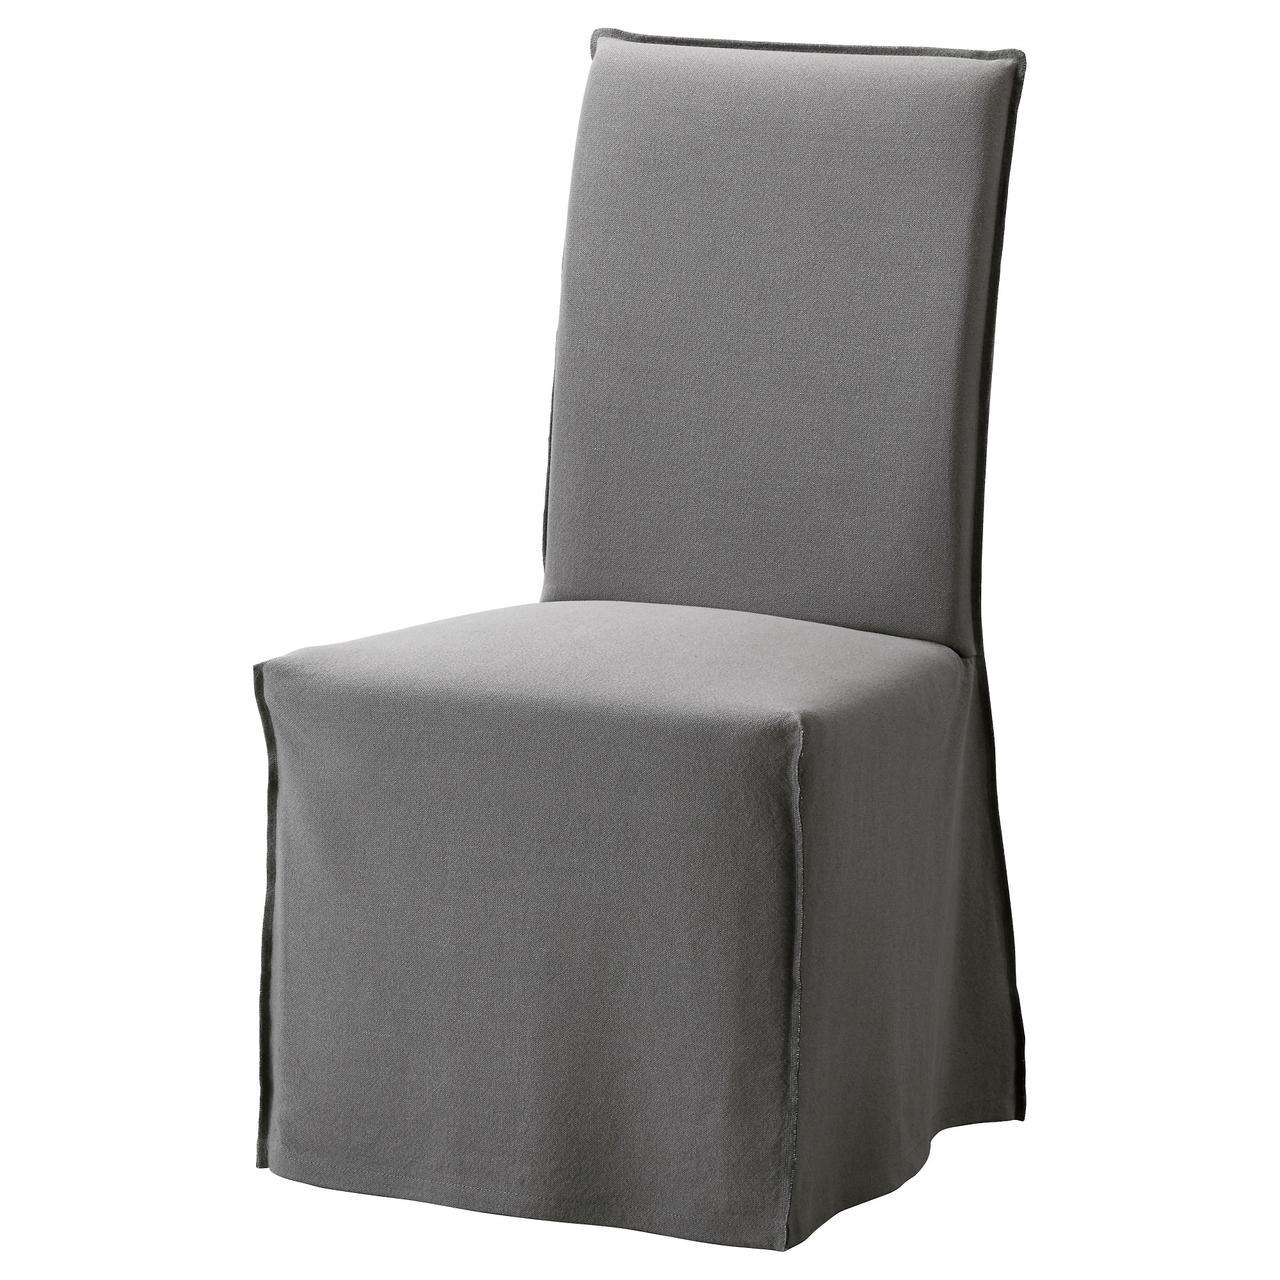 Кресло кухонное IKEA HENRIKSDAL Risane серое 592.208.30